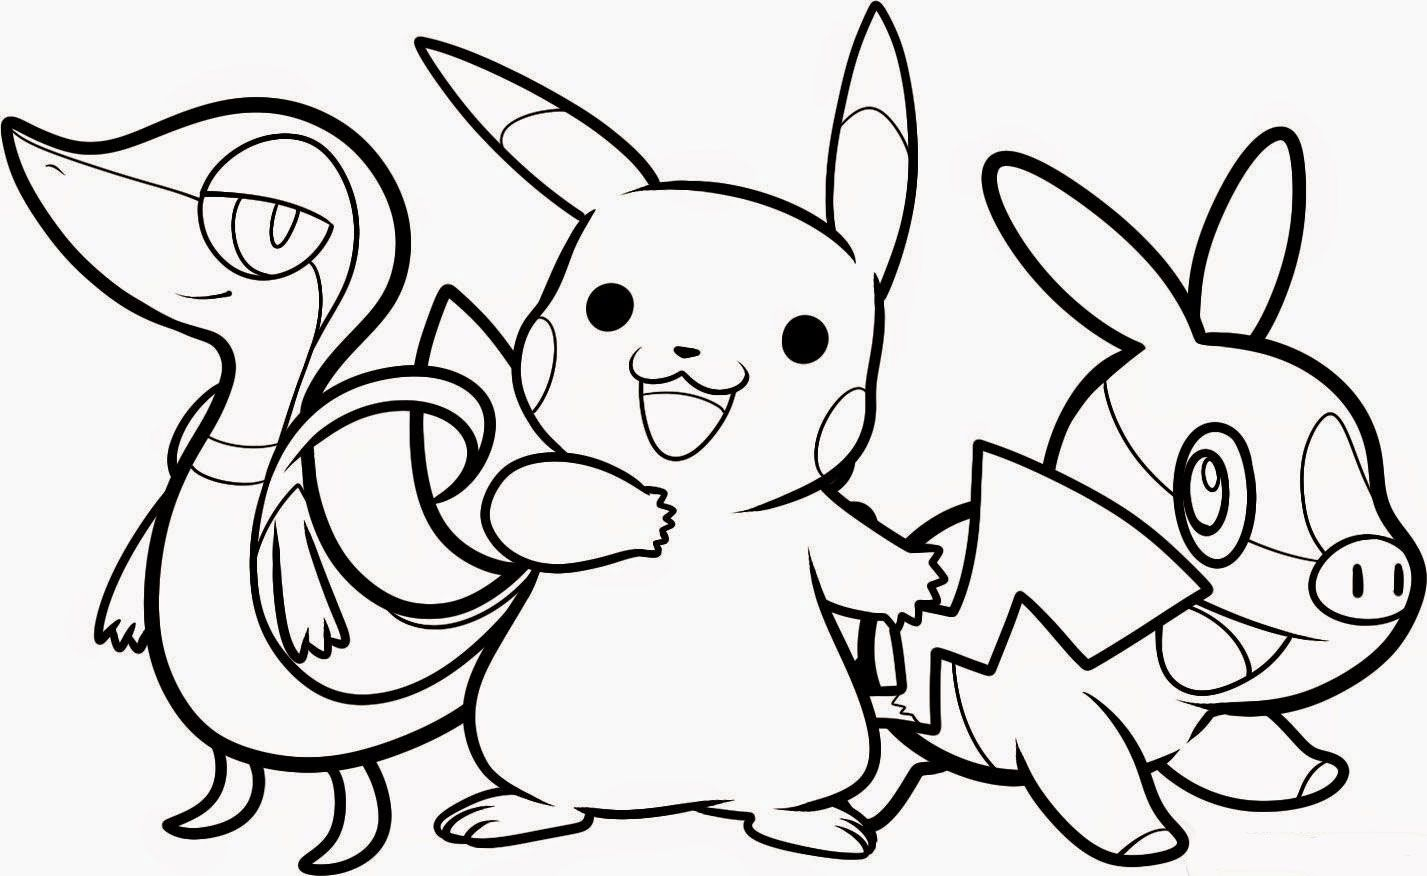 Coloriage Enfant Garcon Filename Coloring Page Free Printable Coloriage Enfant Imprimer Filename Color Coloriage Pokemon A Imprimer Coloriage Pokemon Coloriage